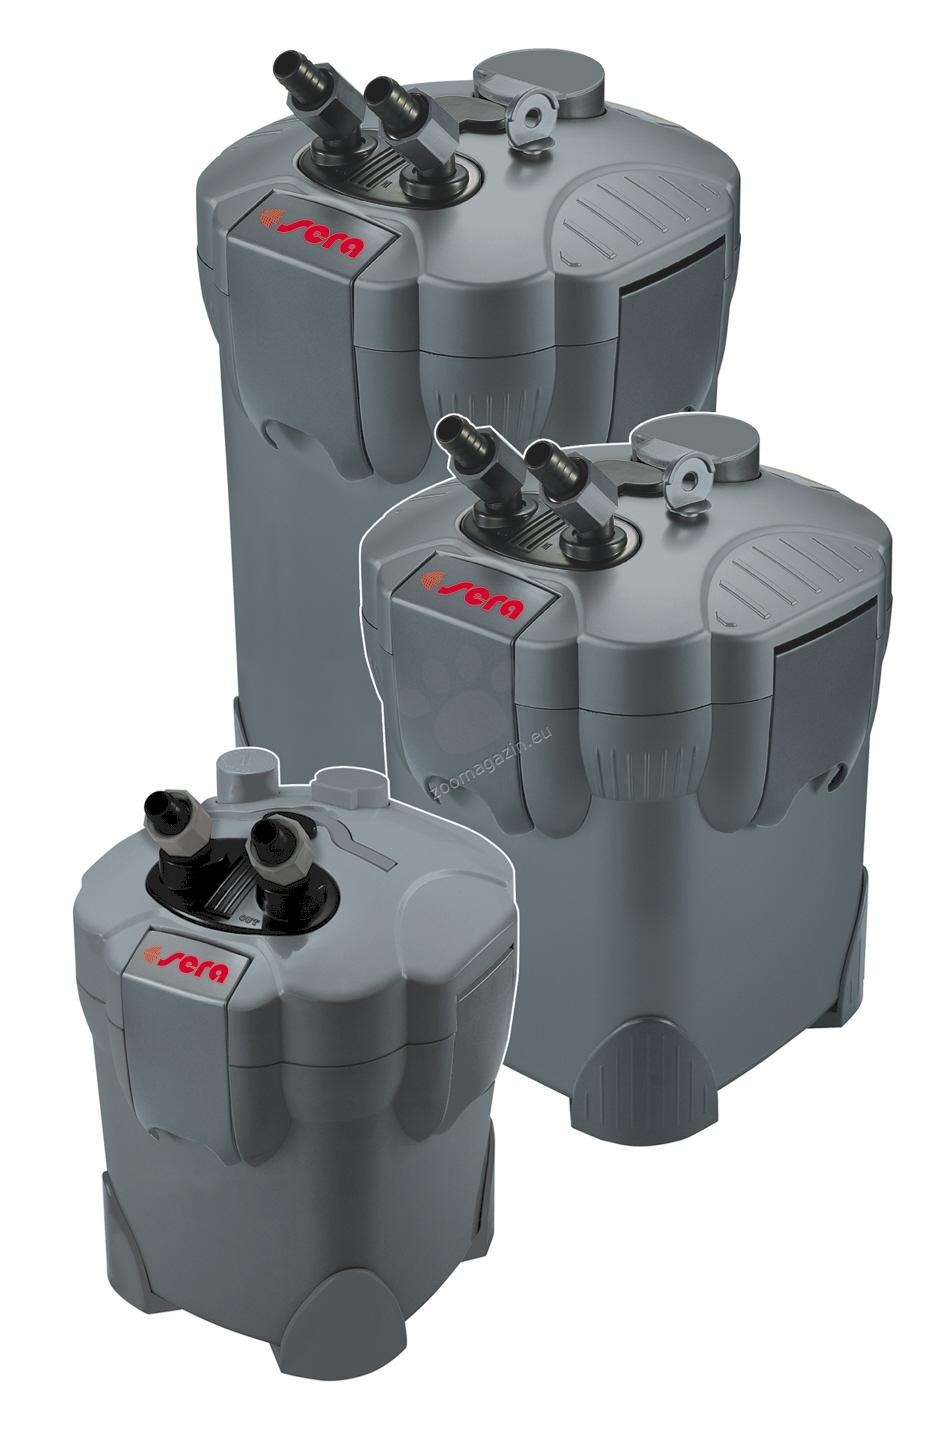 Sera - Fil Bioactive 130 + UV - външен филтър с интегрираната UV-C система 300 л/ч. за аквариуми до 130 л.